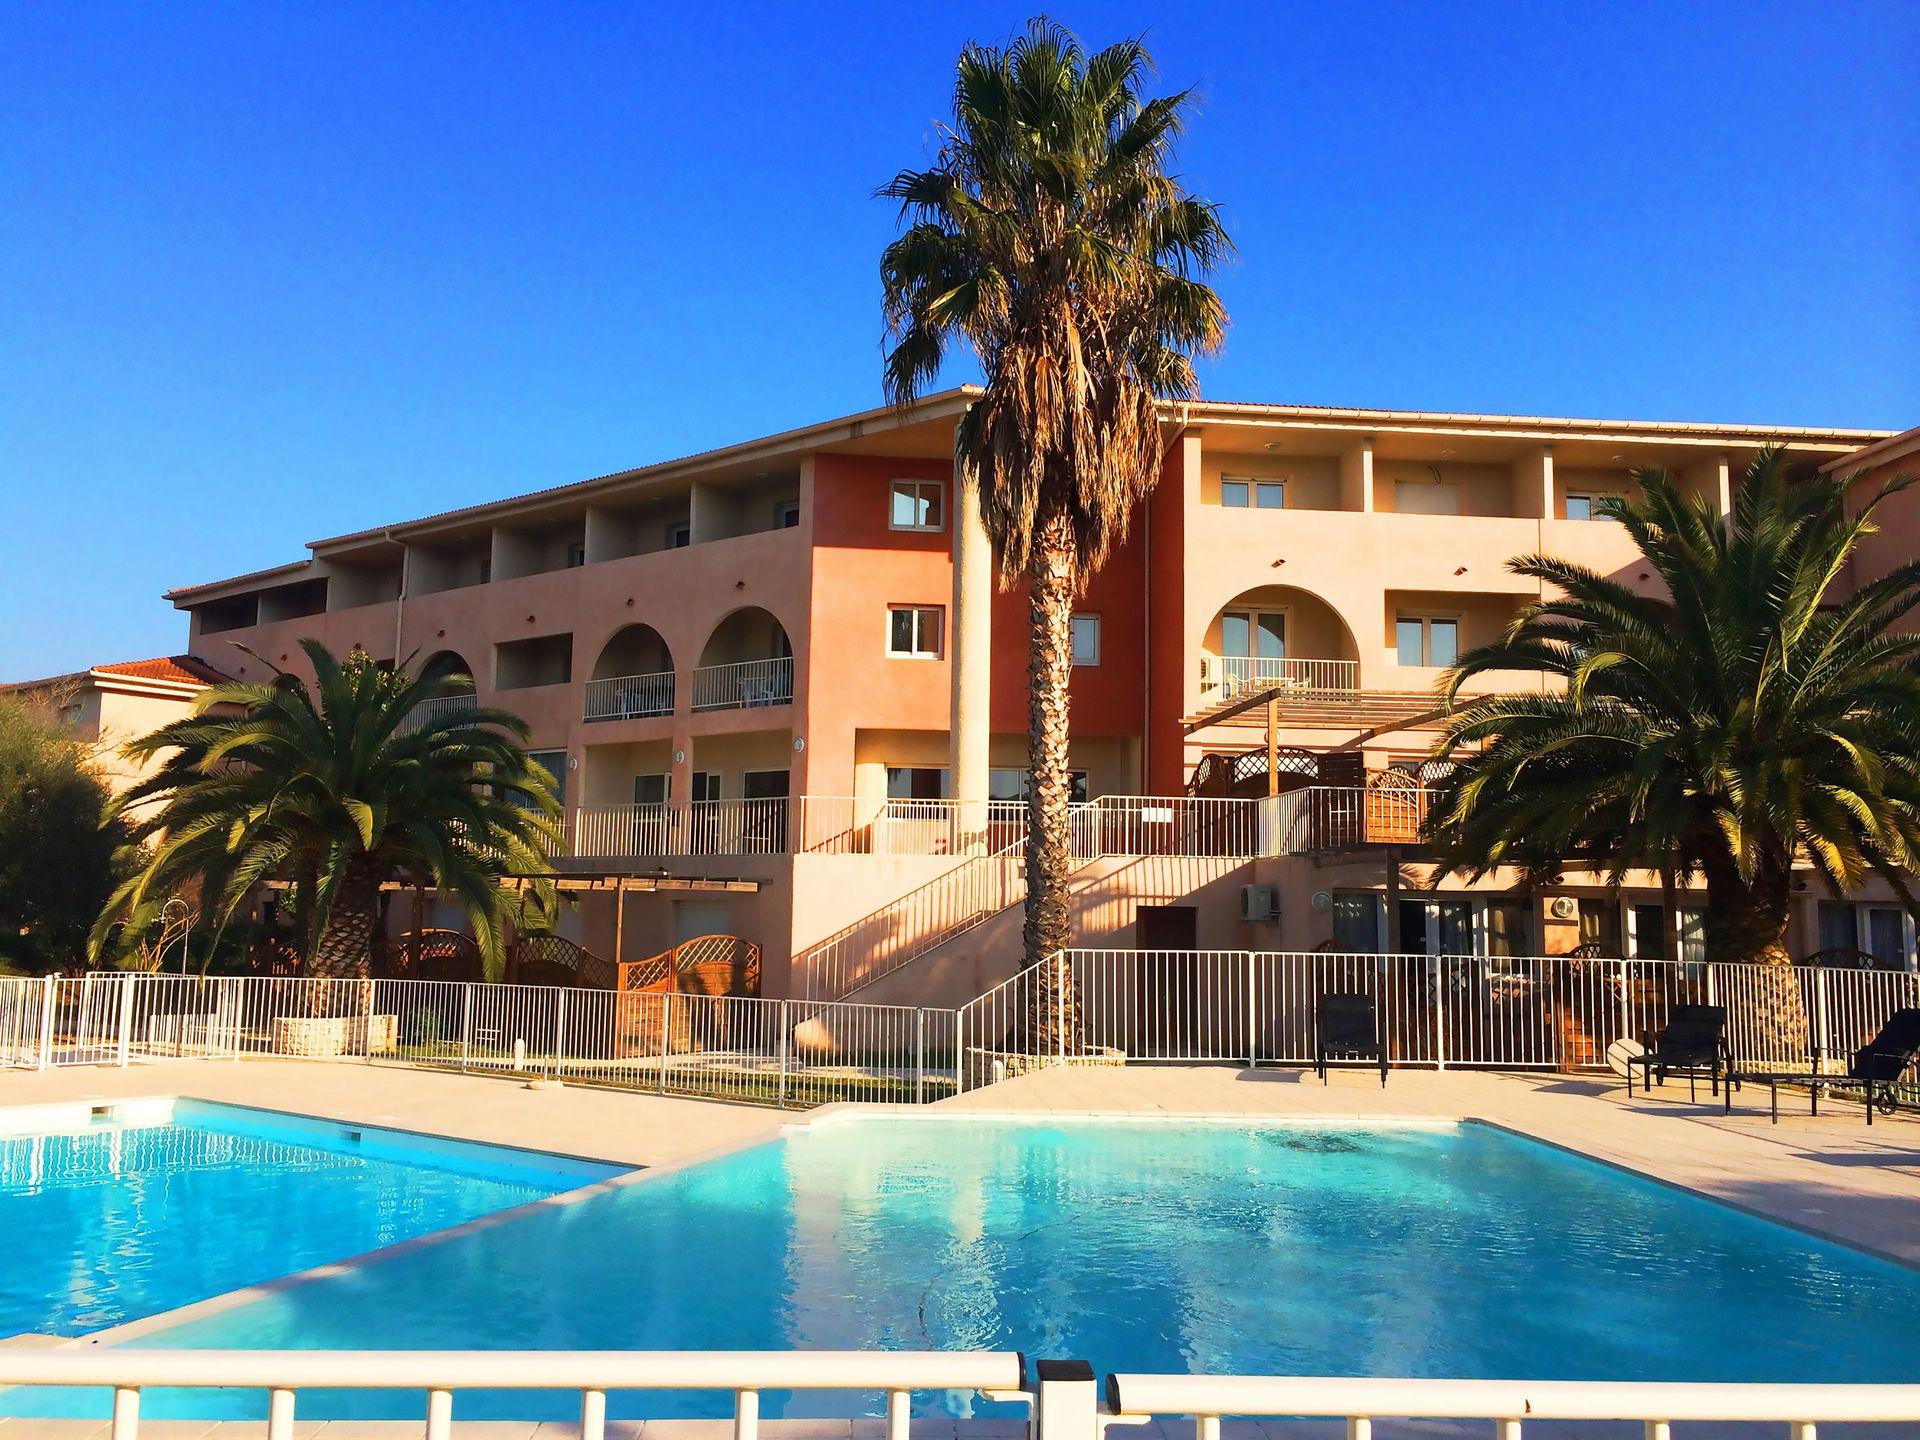 Corse - Adonis Saint Florent - Location Semaine